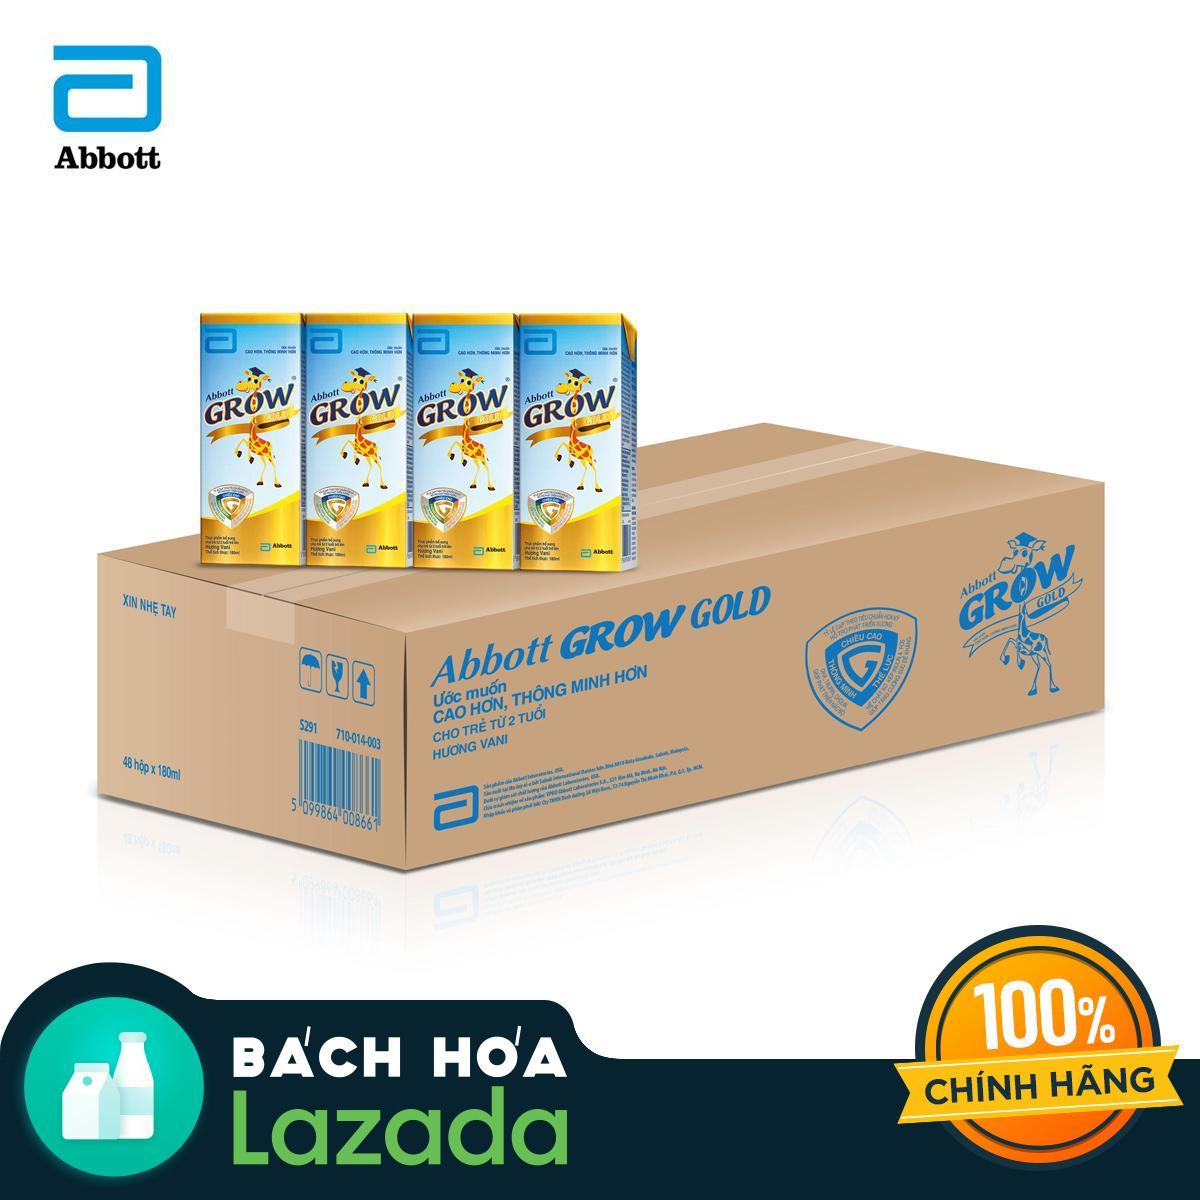 Thùng 48 Hộp Sữa Nước Abbott Grow Gold Hương Vani 180ml Cùng Khuyến Mại Sốc